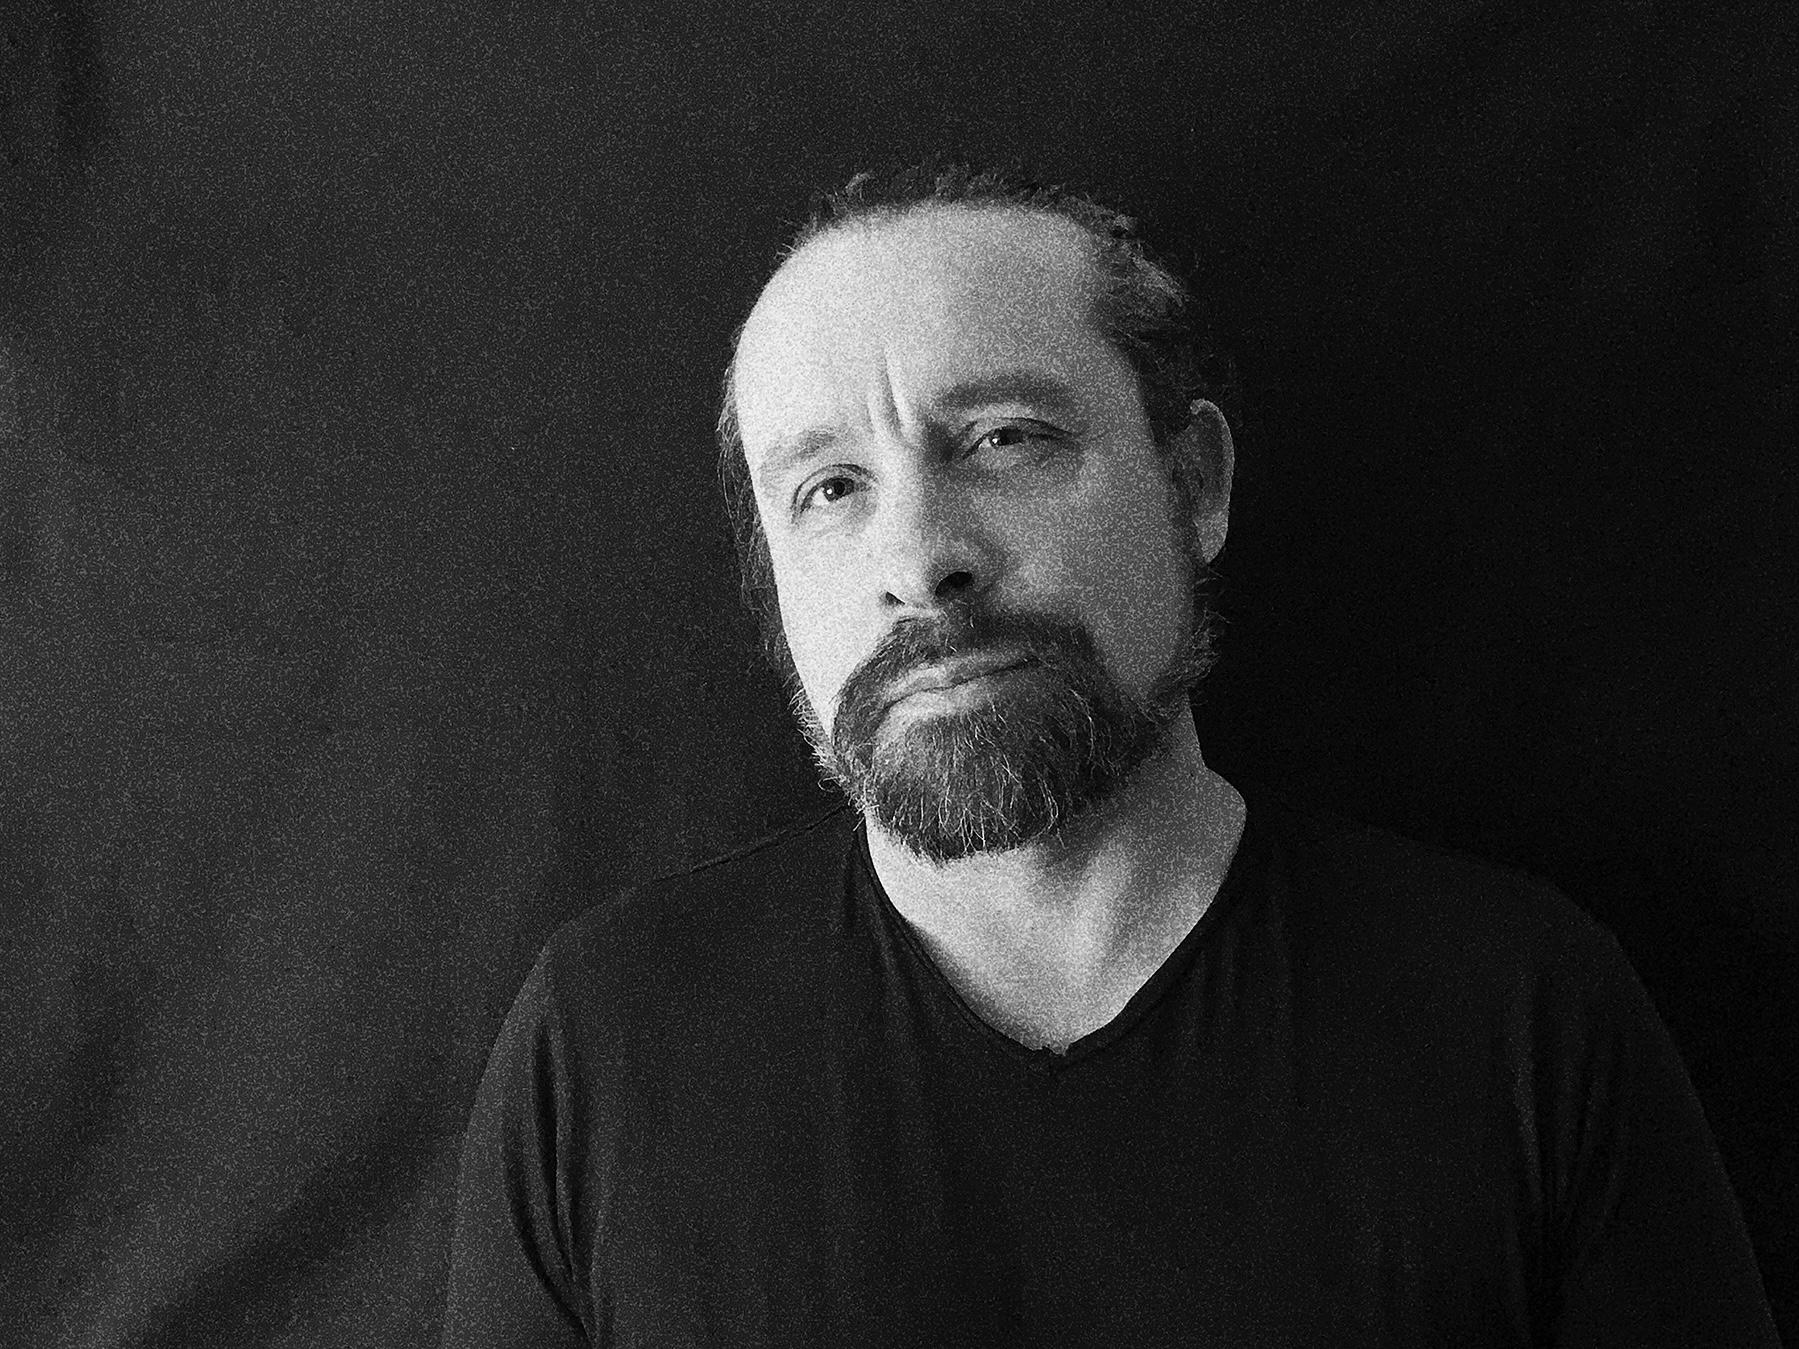 El compositor Claudio Iglesias se incorpora a LeRockPsicophonique y adelanta detalles de su primer single Casi Marzo y de su álbum debut Topografías